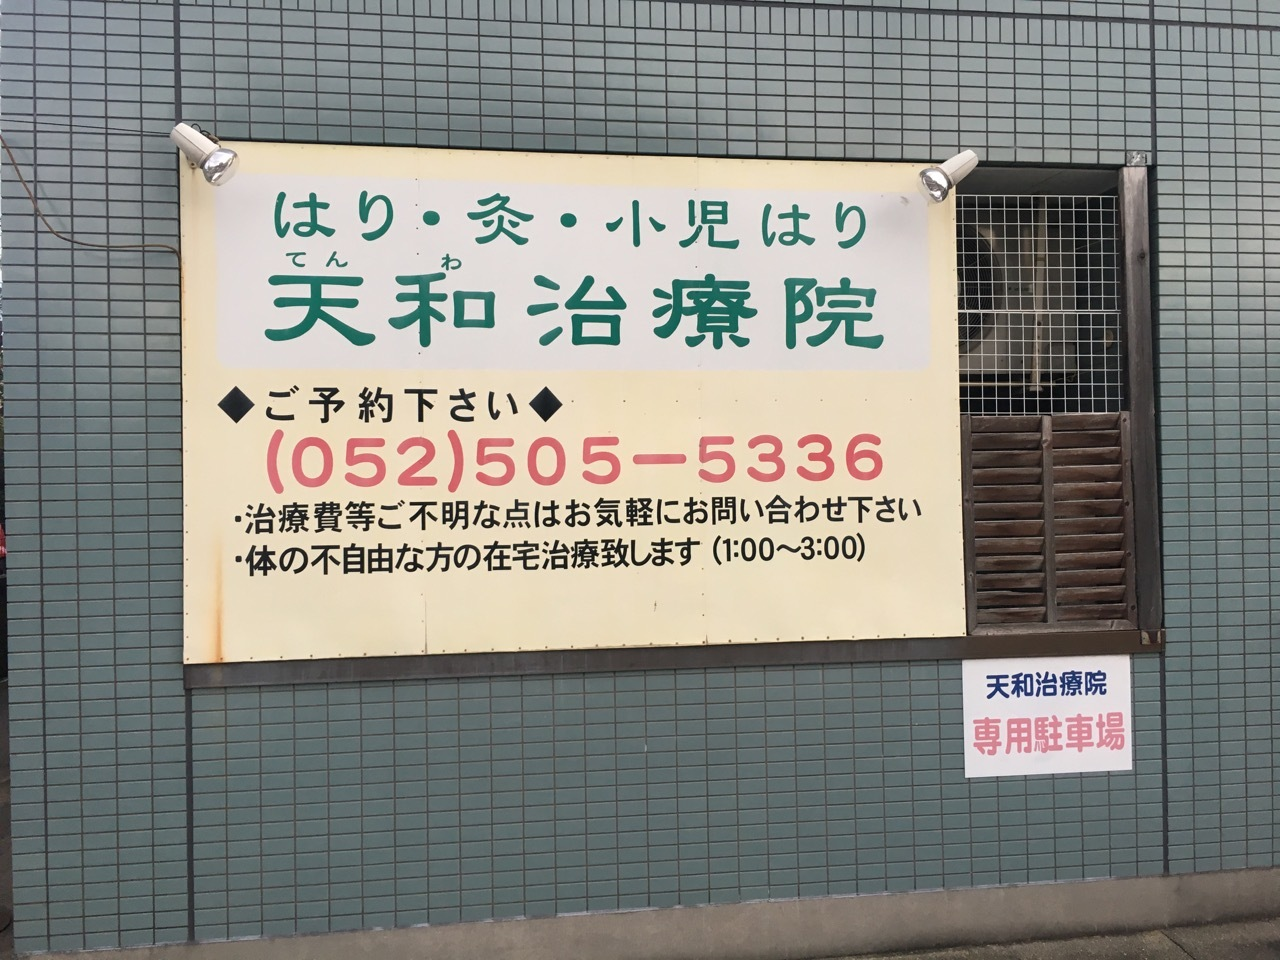 2019.10.09「金沢行けなかったなぁ〜」_c0197974_00242760.jpg